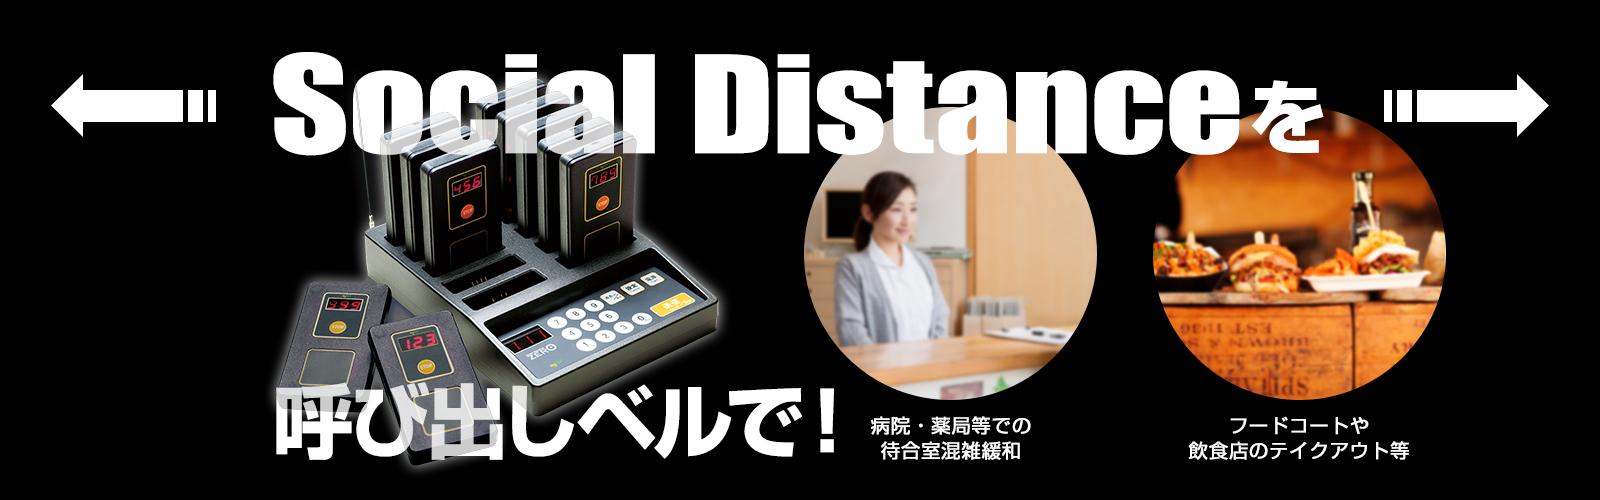 Social Distance を呼び出しベルで ZERO